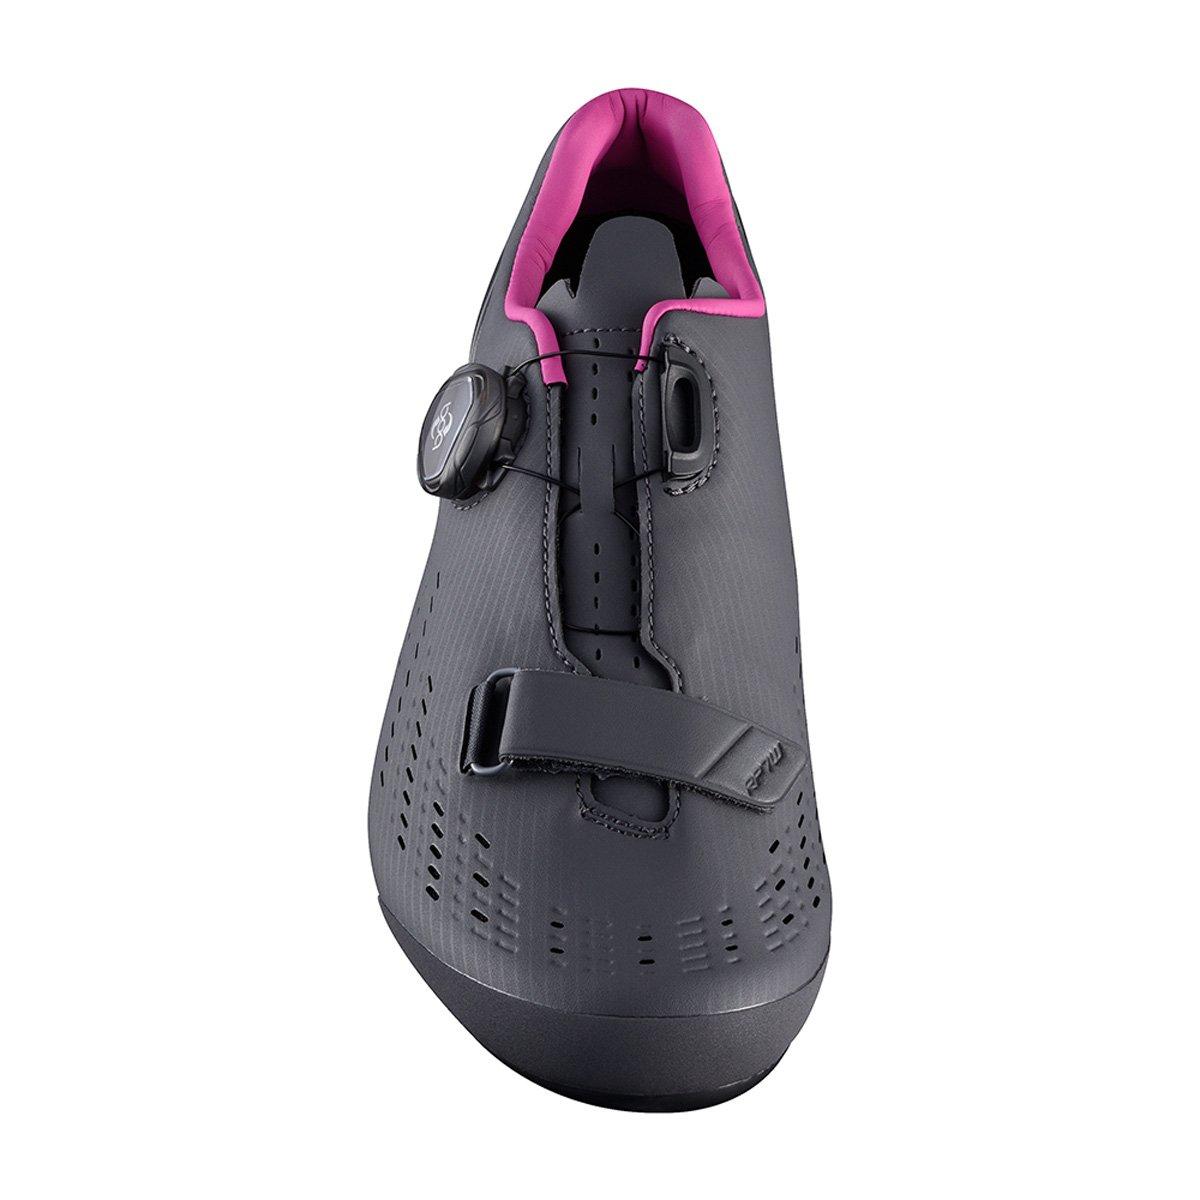 Shimano sh-rp7 W Women 's Road Cycling Shoes 42 グレー B06XCYKJBR